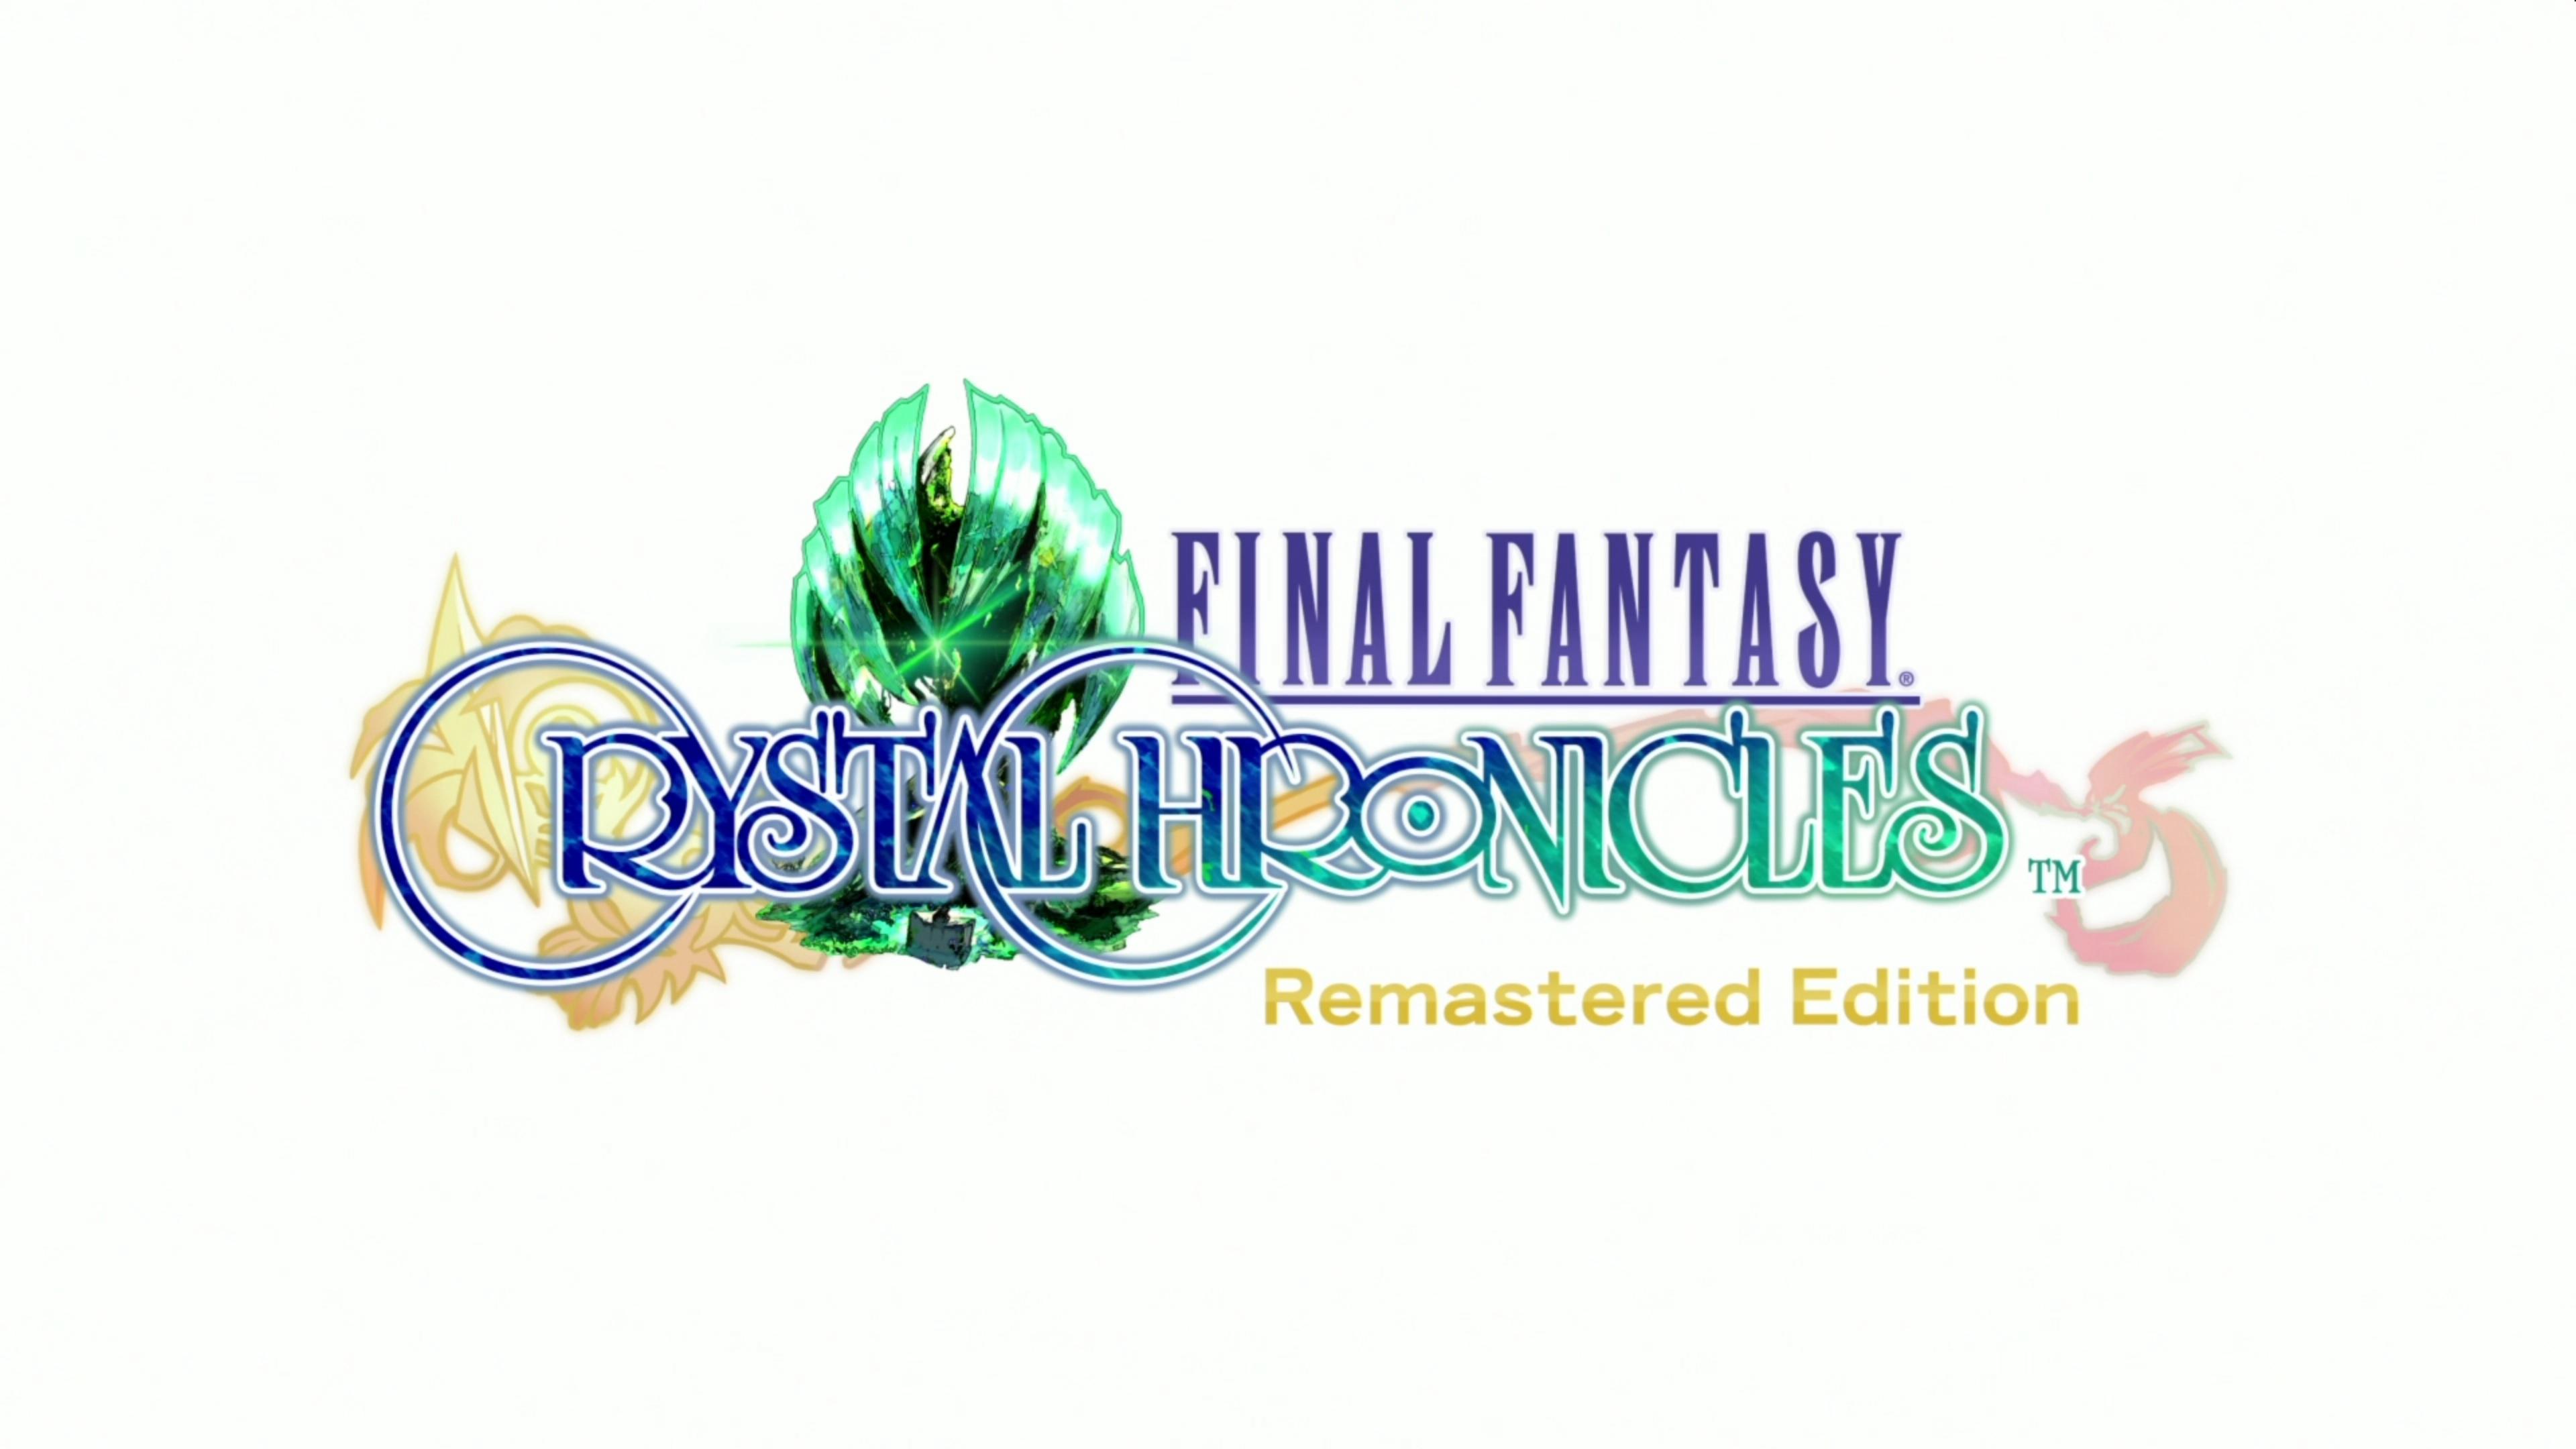 Jogos mais aguardados pelos leitores da revista Famitsu (26/01)